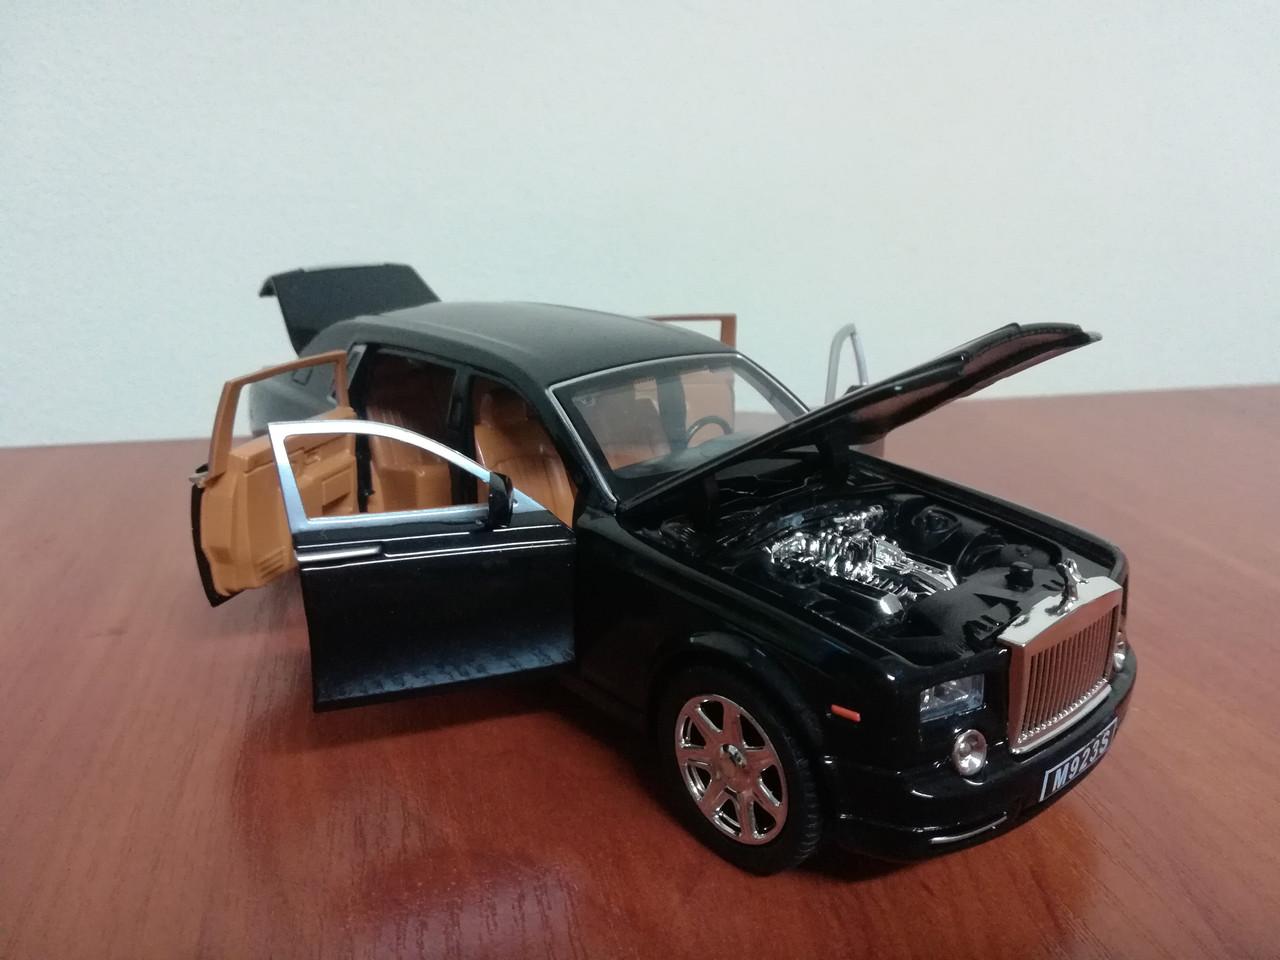 Коллекционная машинка Rolls Royce Phantom металлическая модель в масштабе 1:24